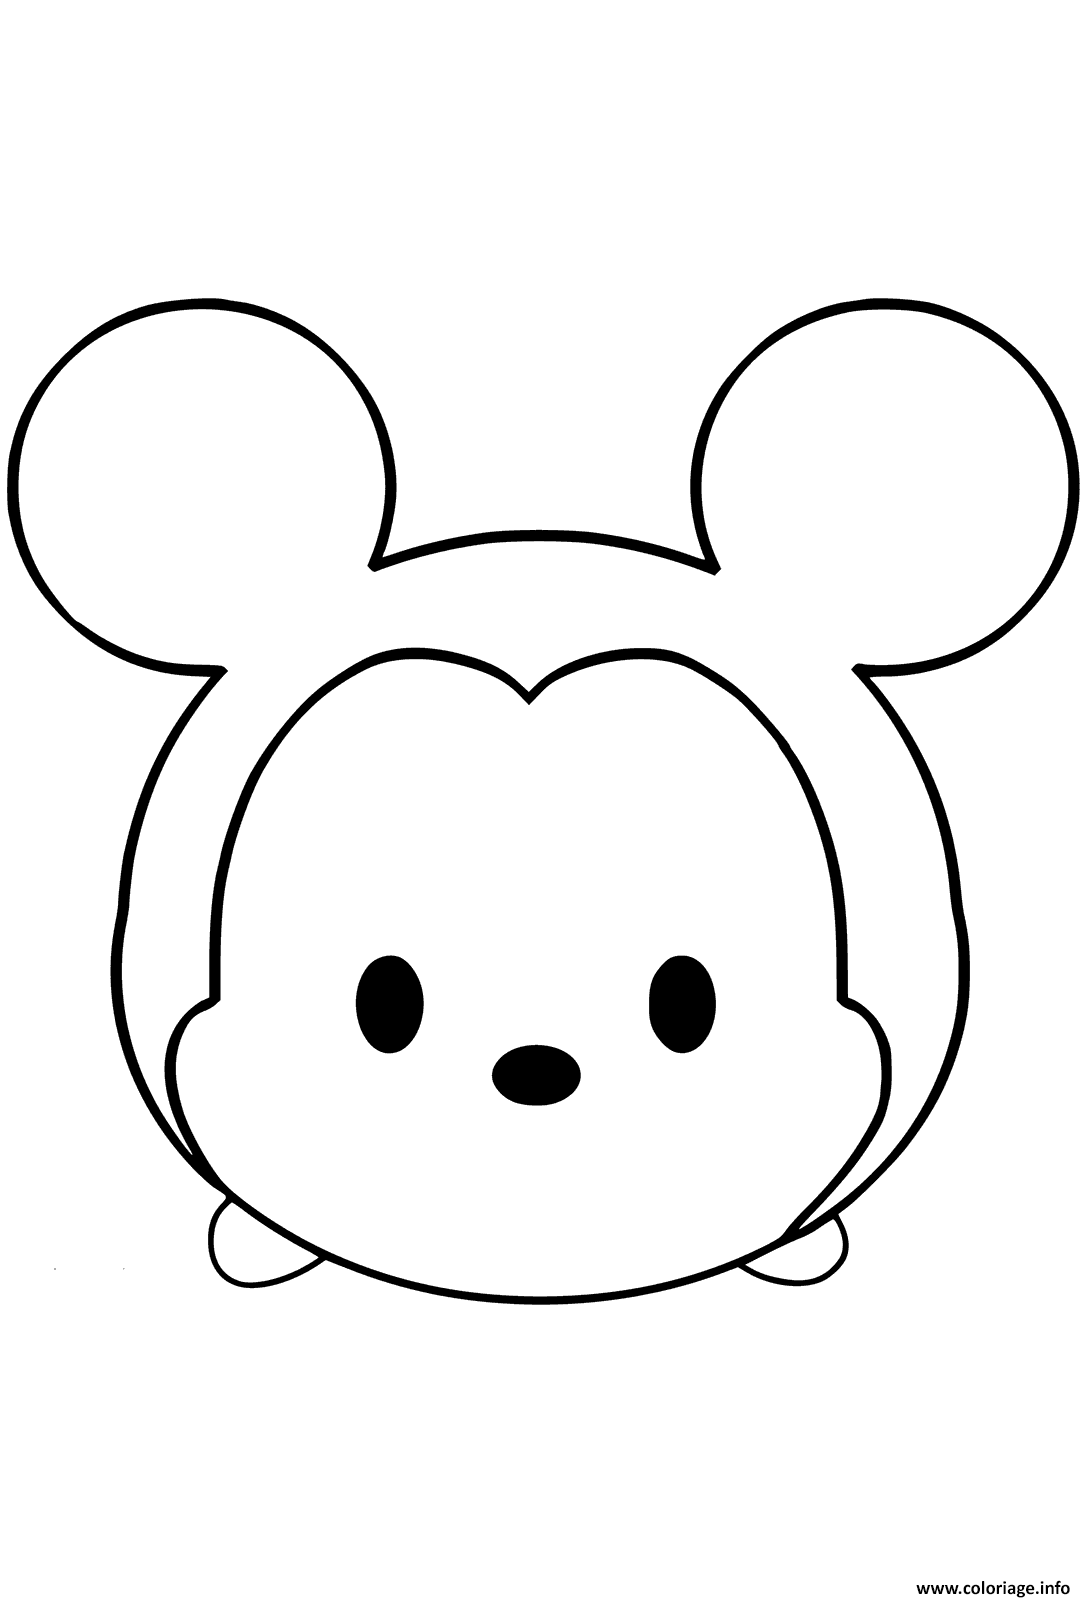 Coloriage Mickey Mouse Emoji Face Tsum Tsum Dessin Tsum Tsum A Imprimer